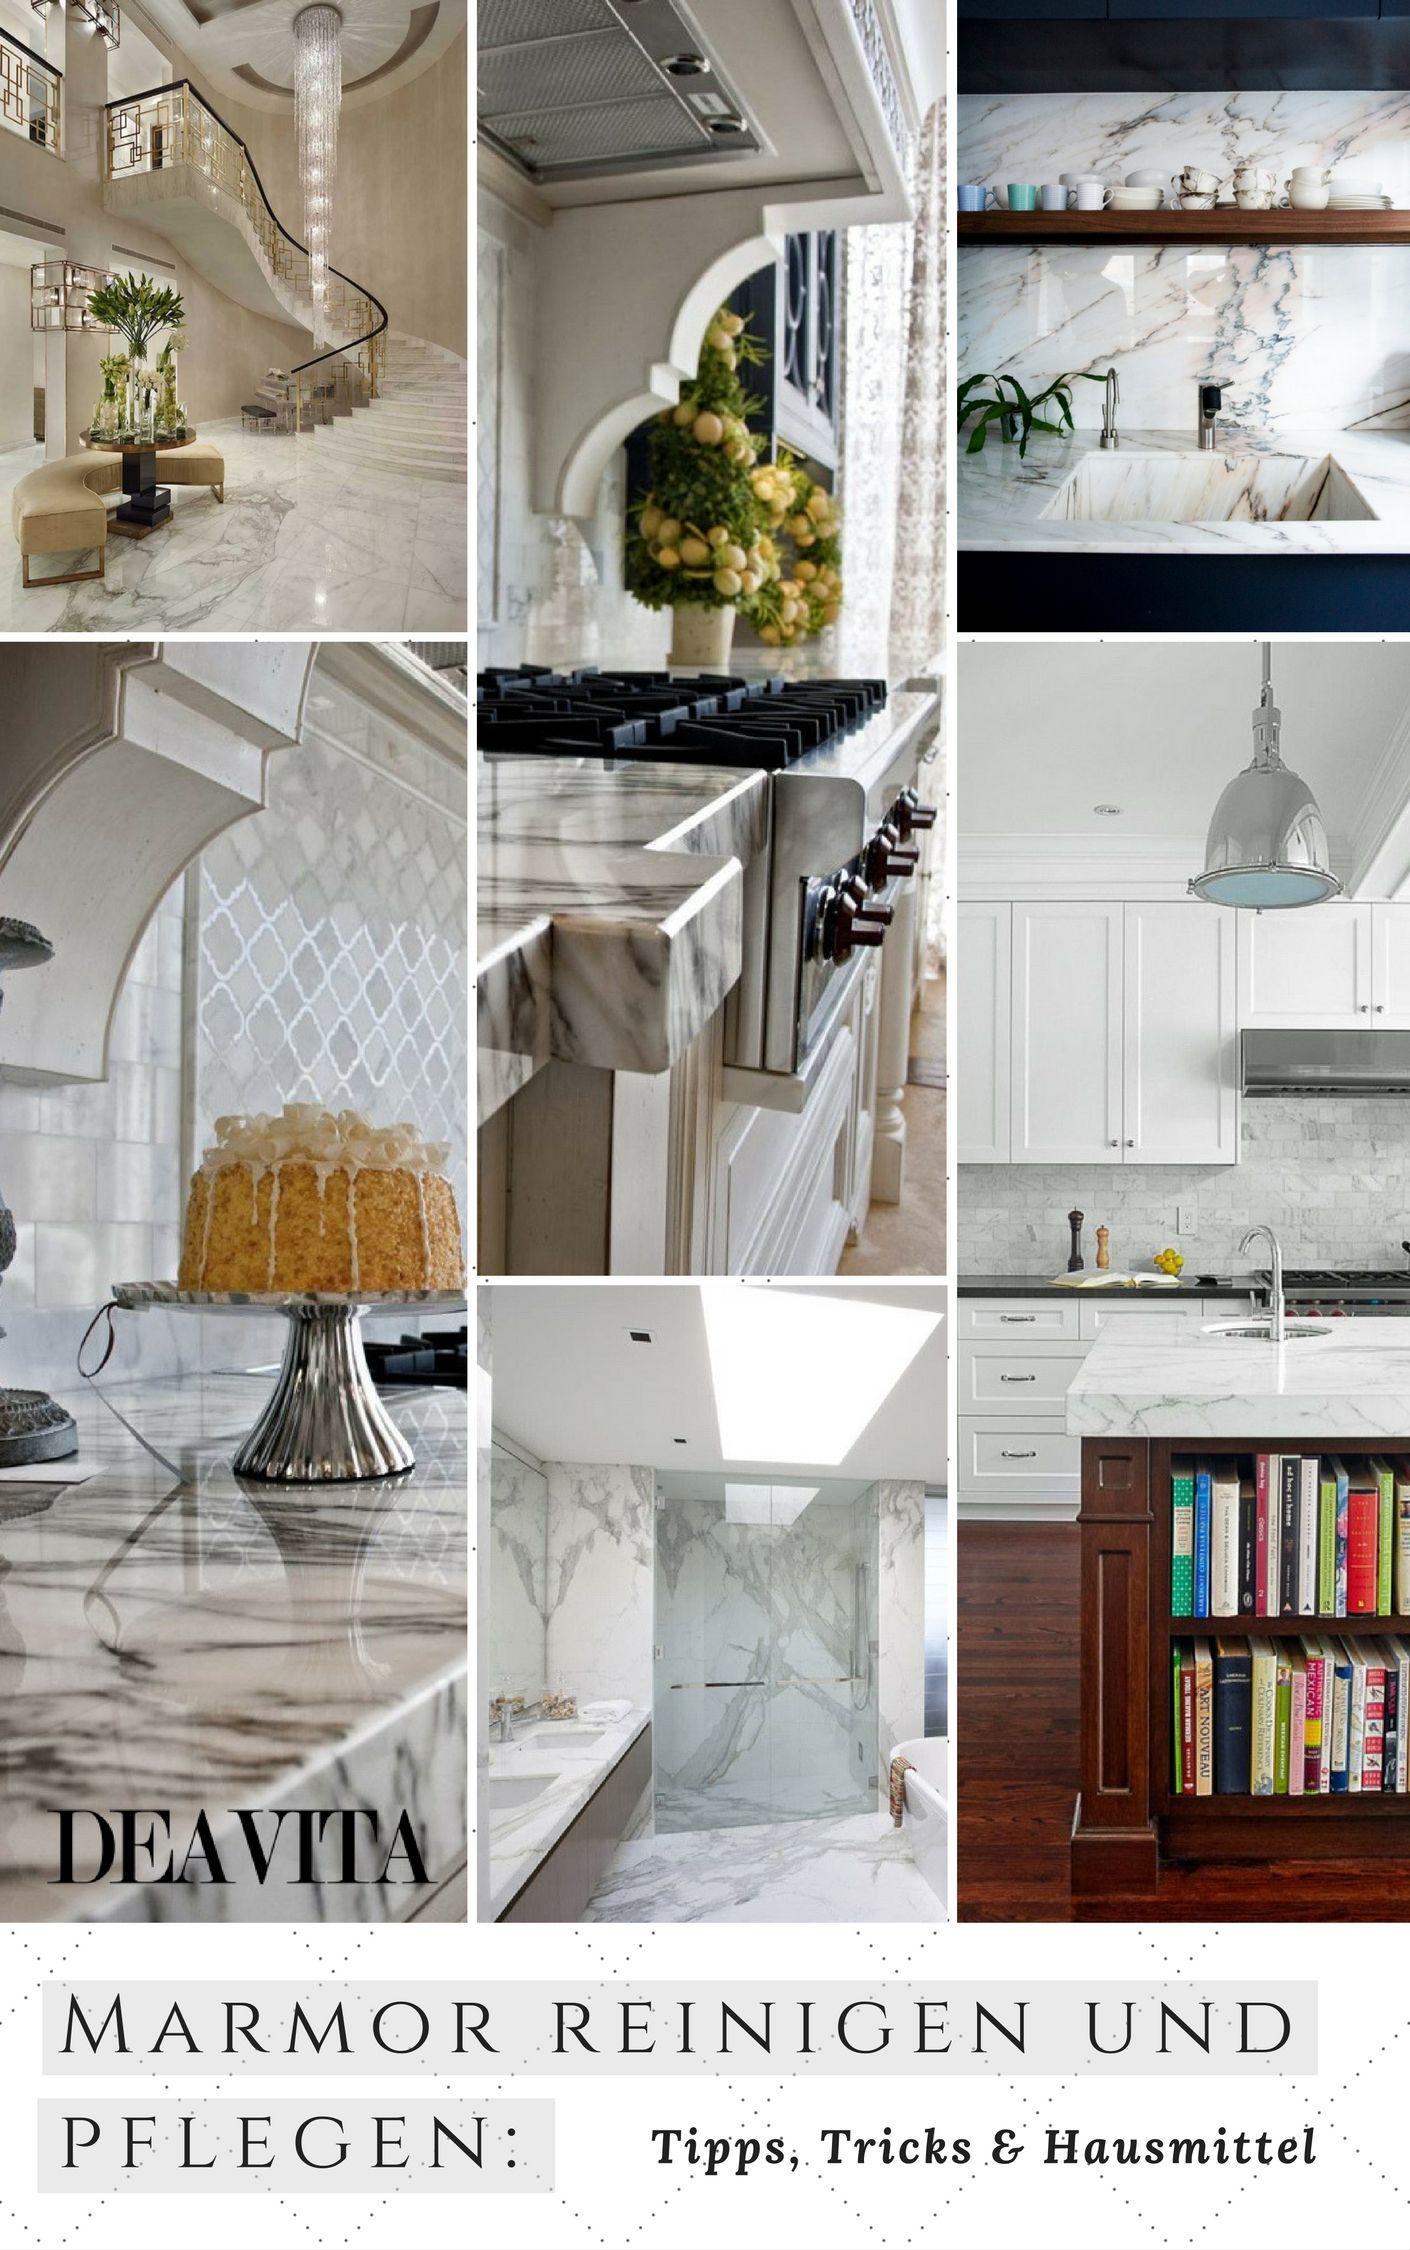 Als Ein Robuster Naturstein Ist Marmor Ein Beliebtes Material Für  Küchenarbeitsplatten, Böden Und Bäder.